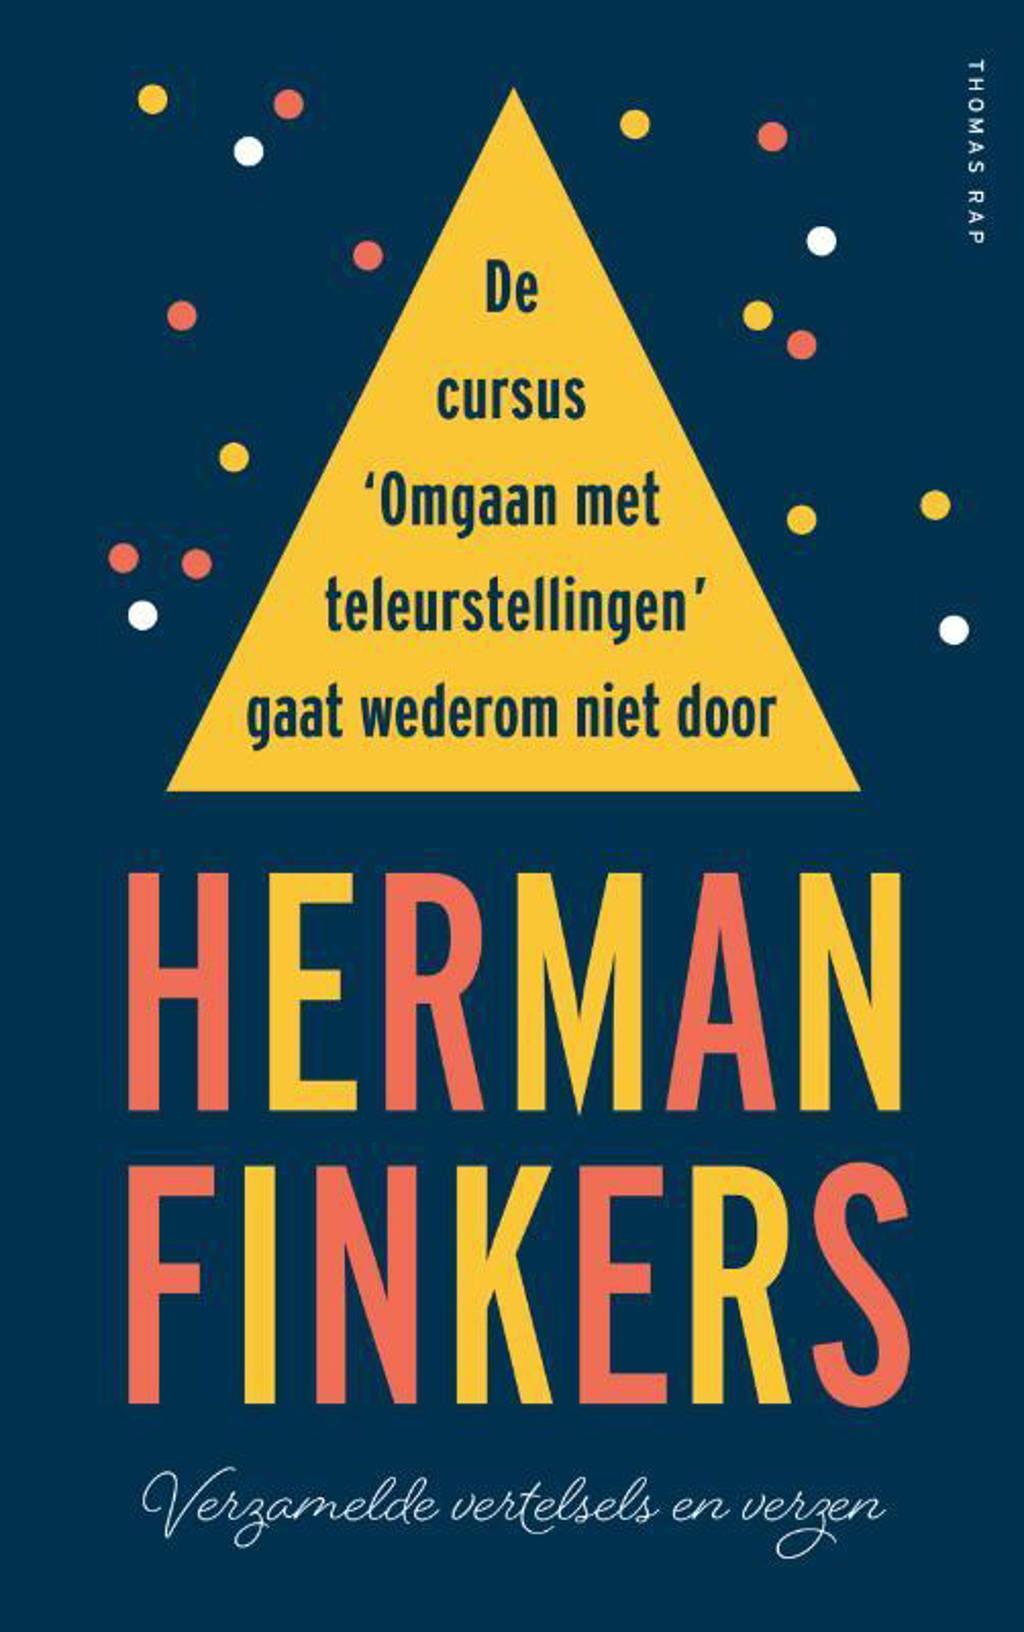 De cursus 'Omgaan met teleurstellingen' gaat wederom niet door - Herman Finkers